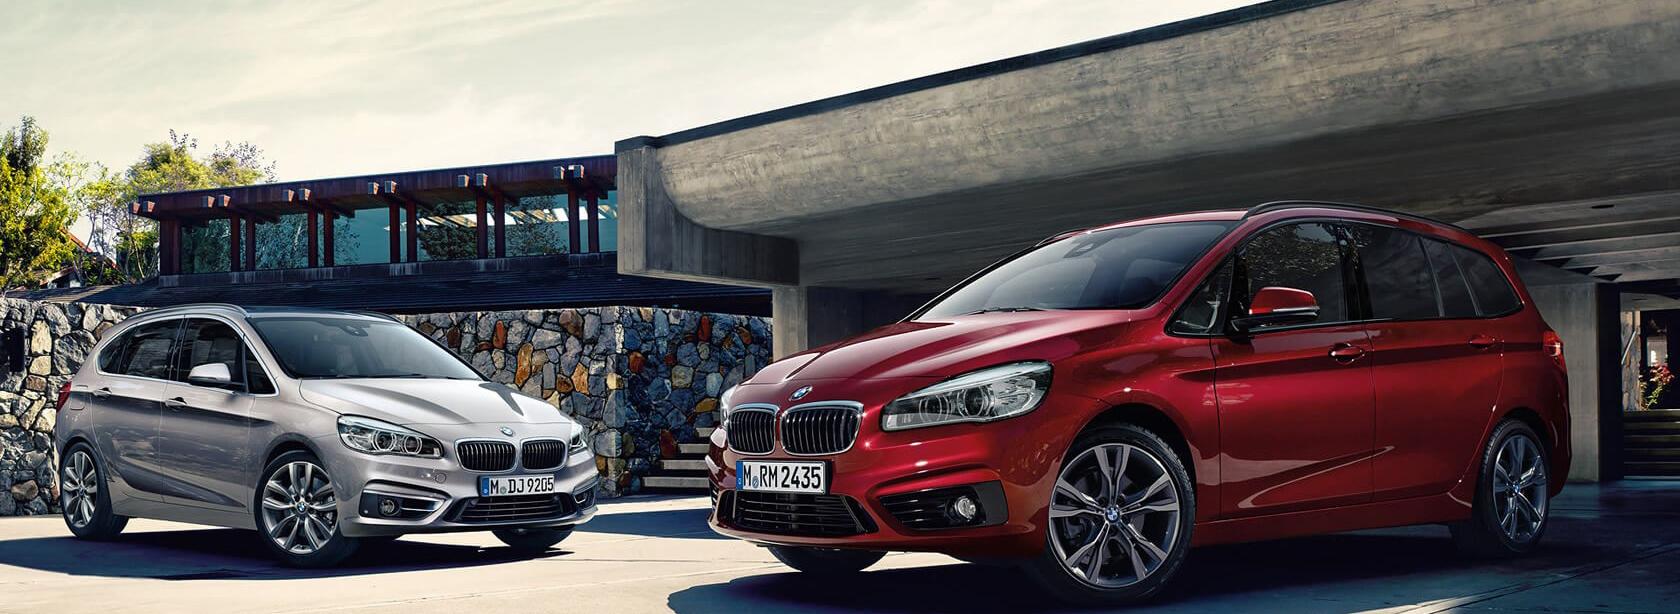 BMW_Slide